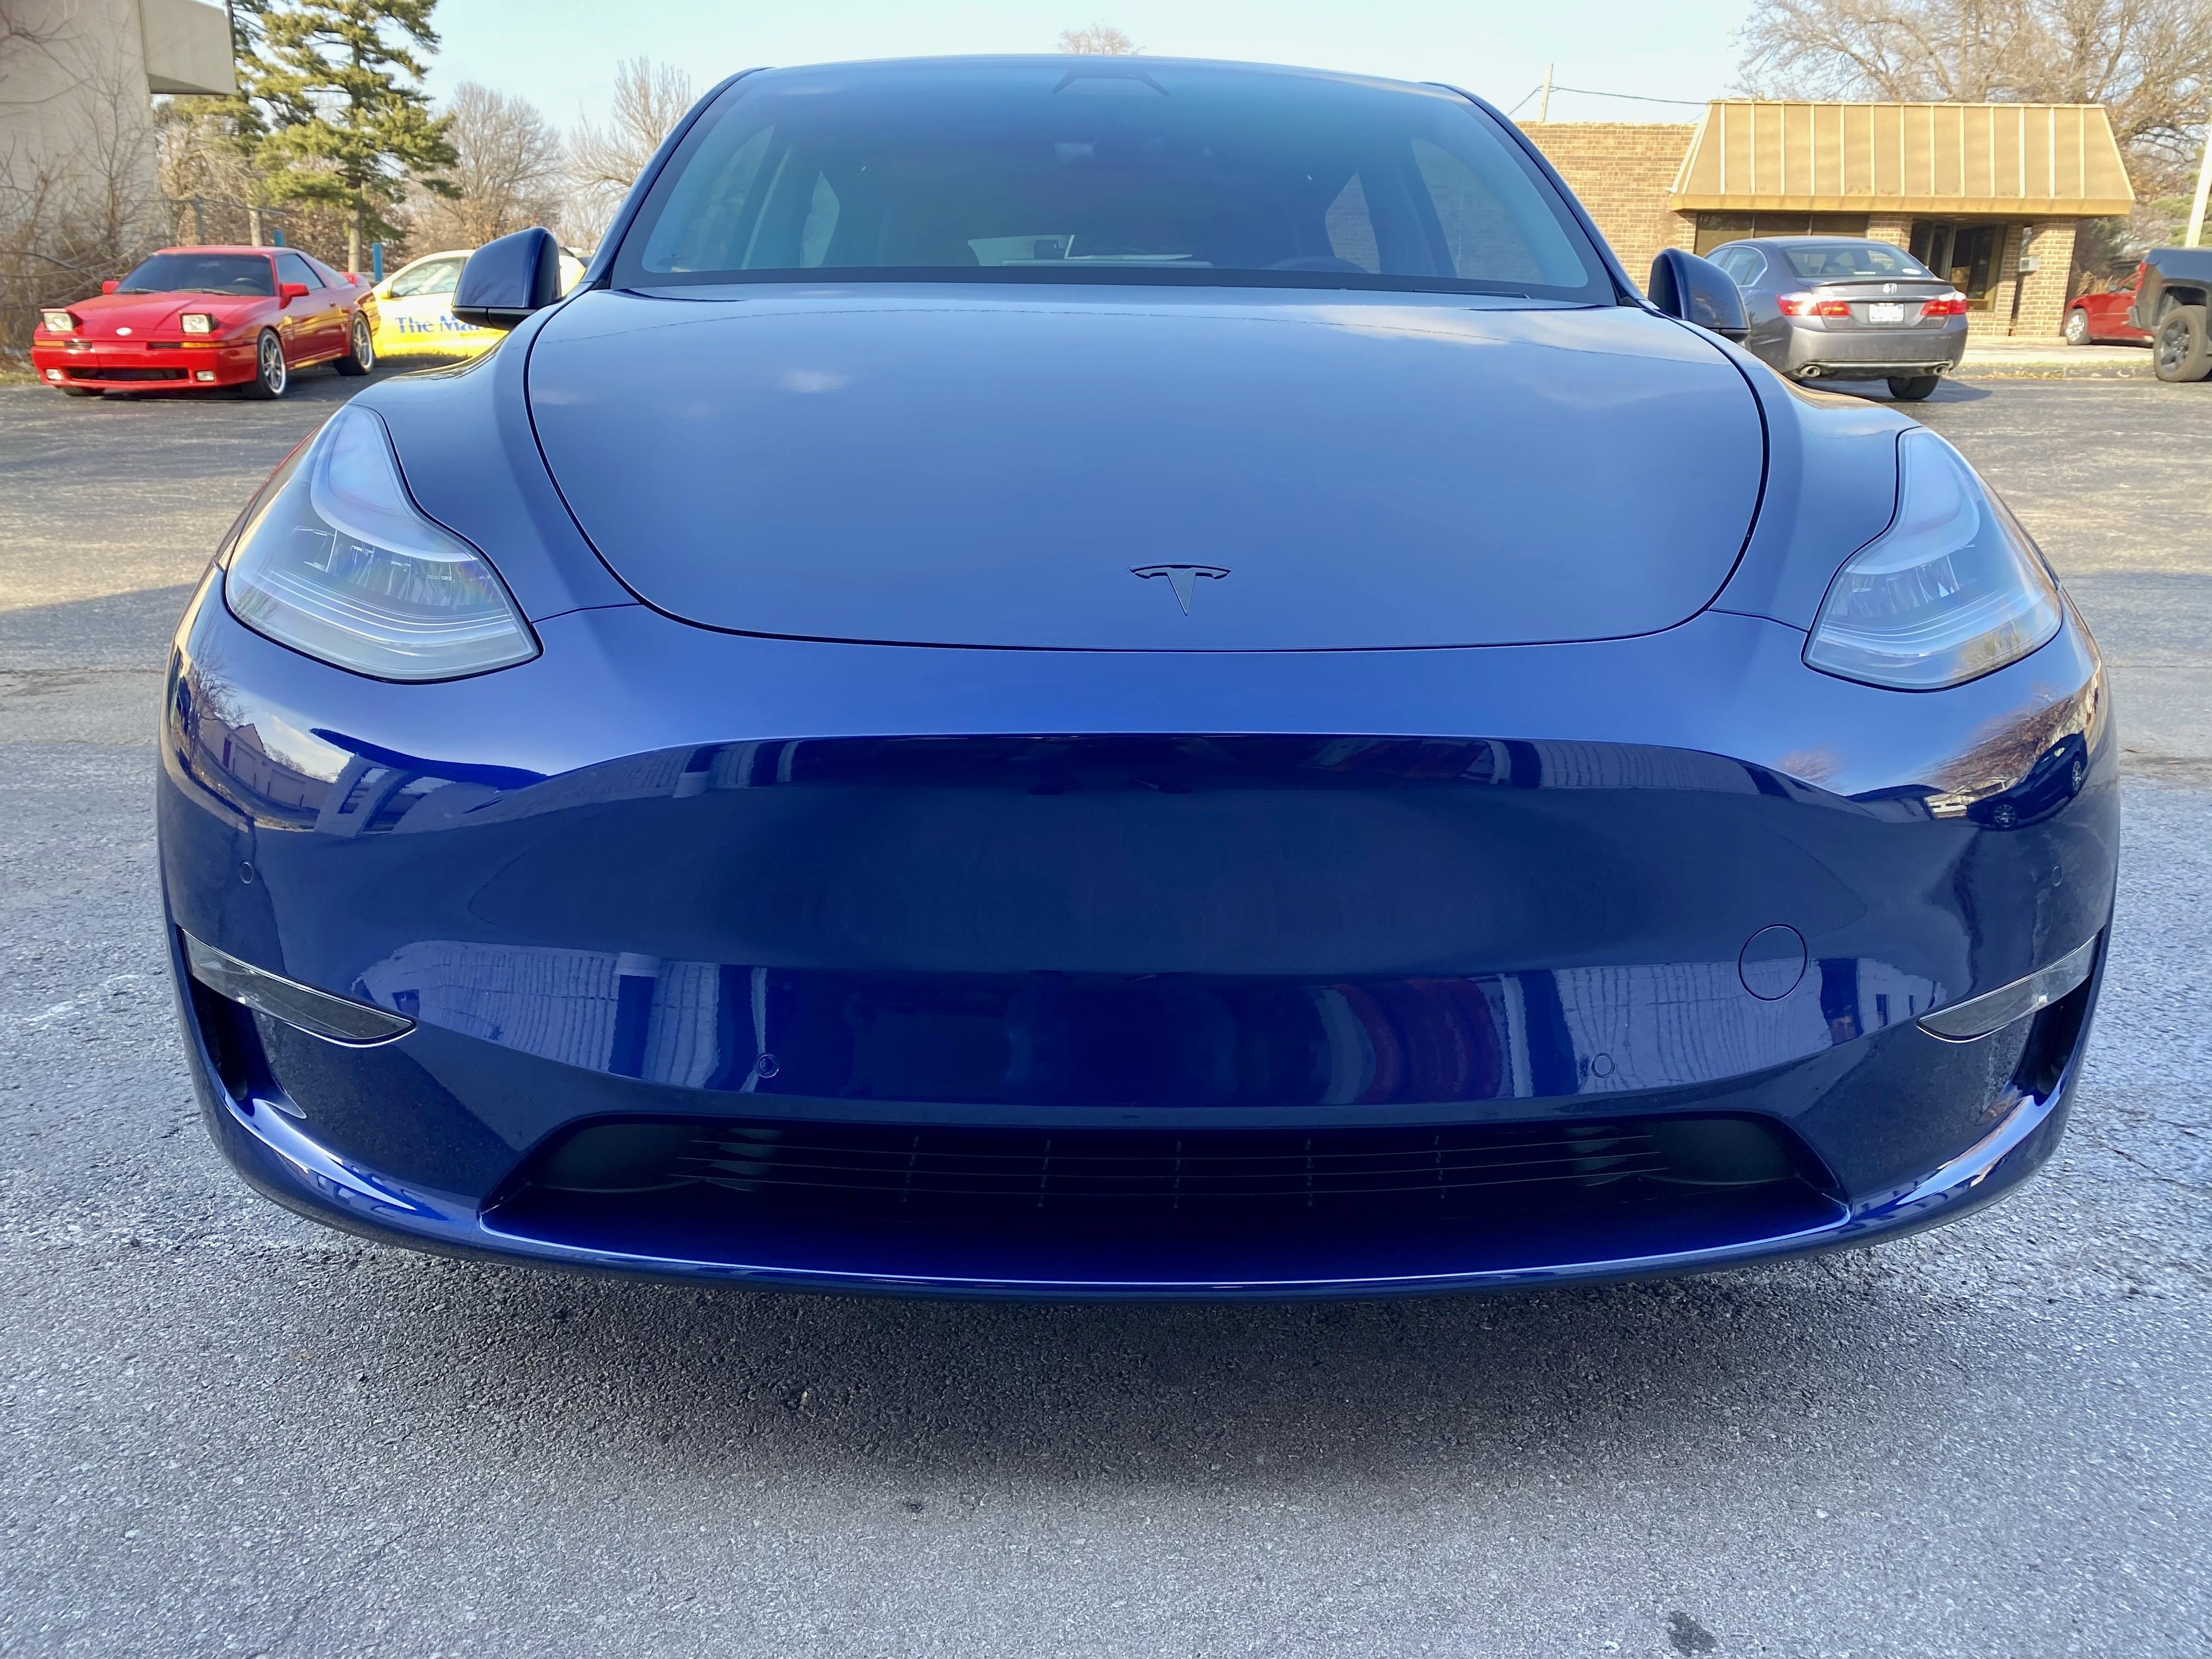 Tesla model y bumper paint protection film Kansas city